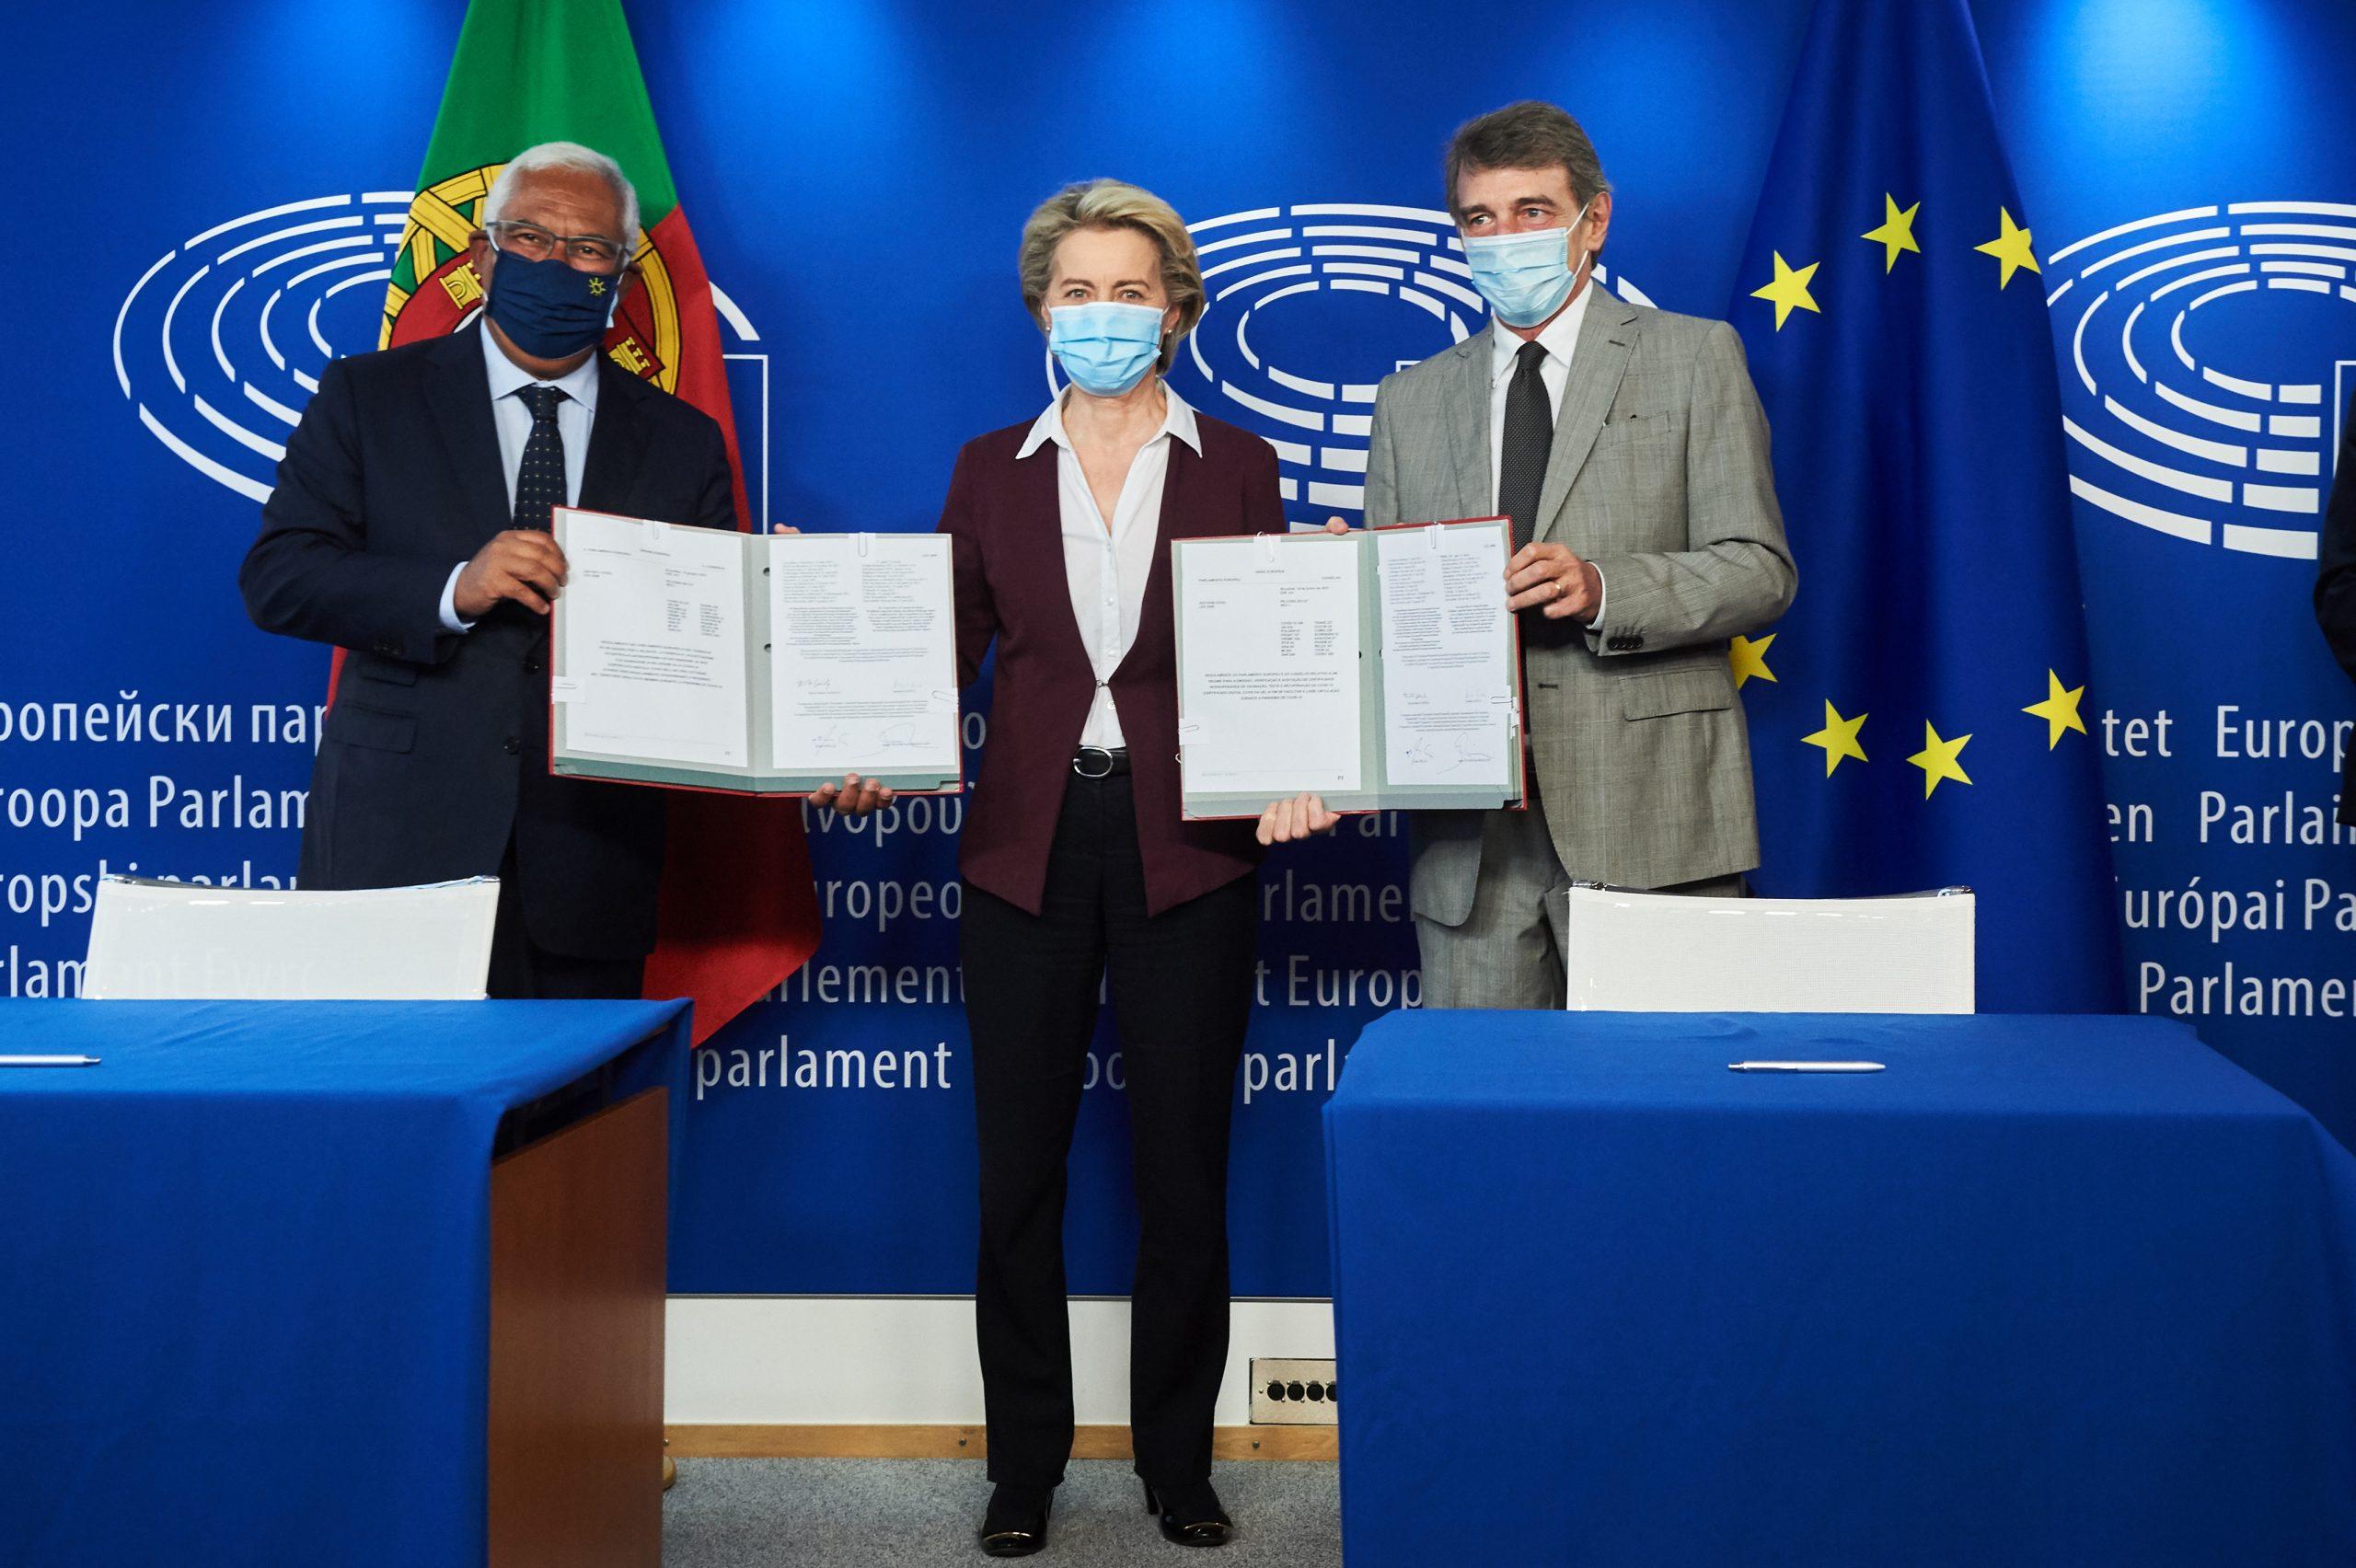 Ant—ónio Costa, Ursula von der Leyen and David Sassoli | ACN